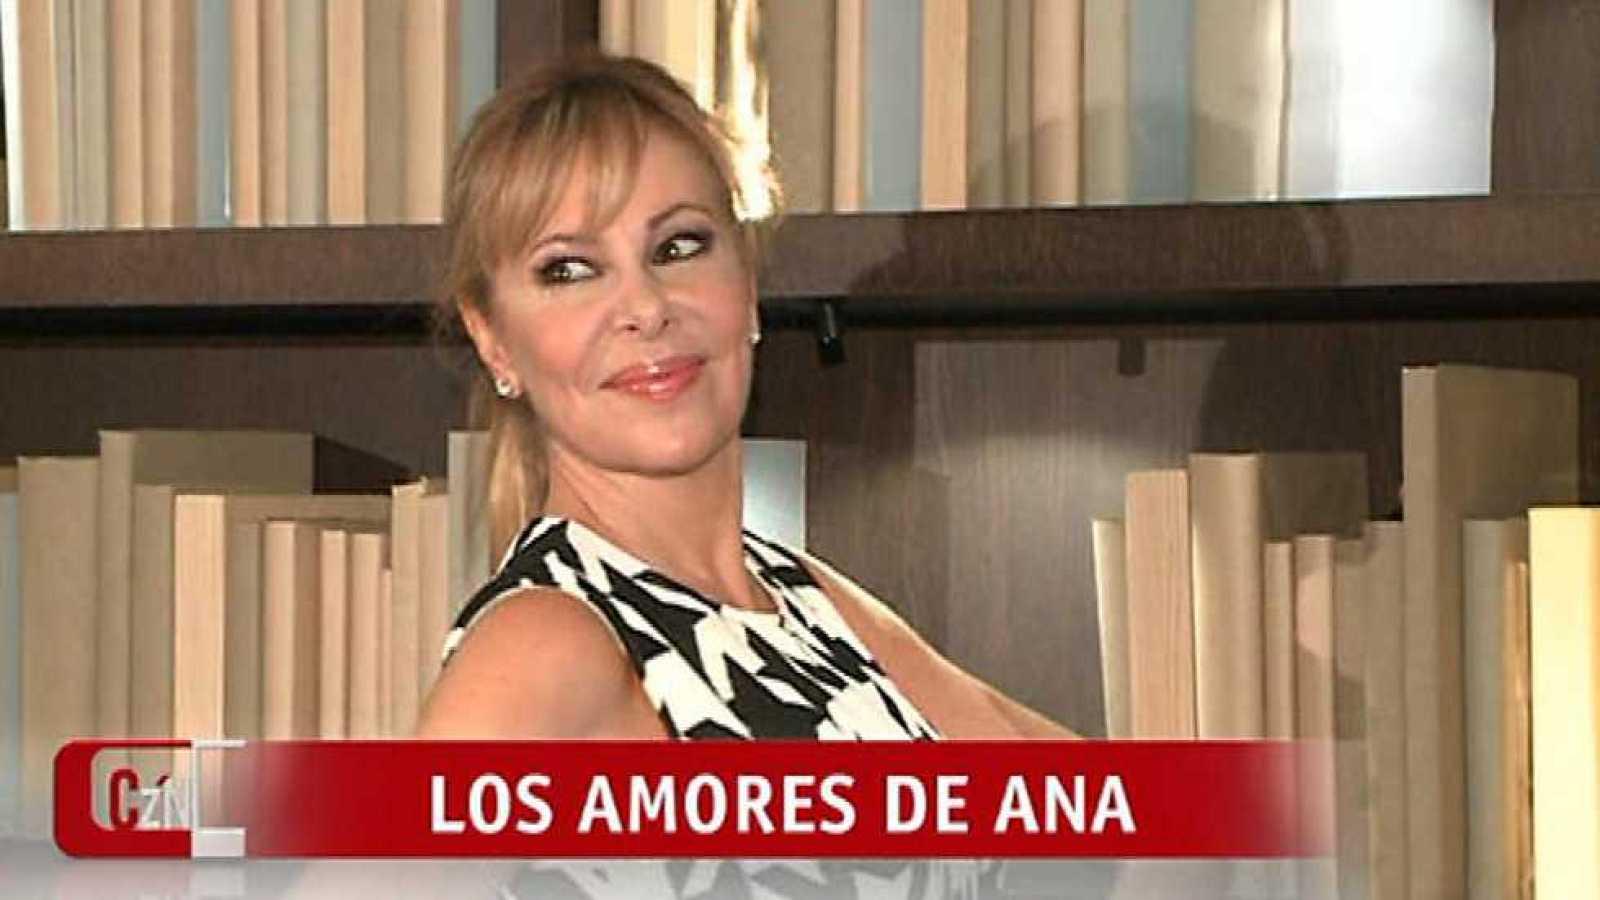 Ana Risueño Bajo La Piel corazón - 23/02/17